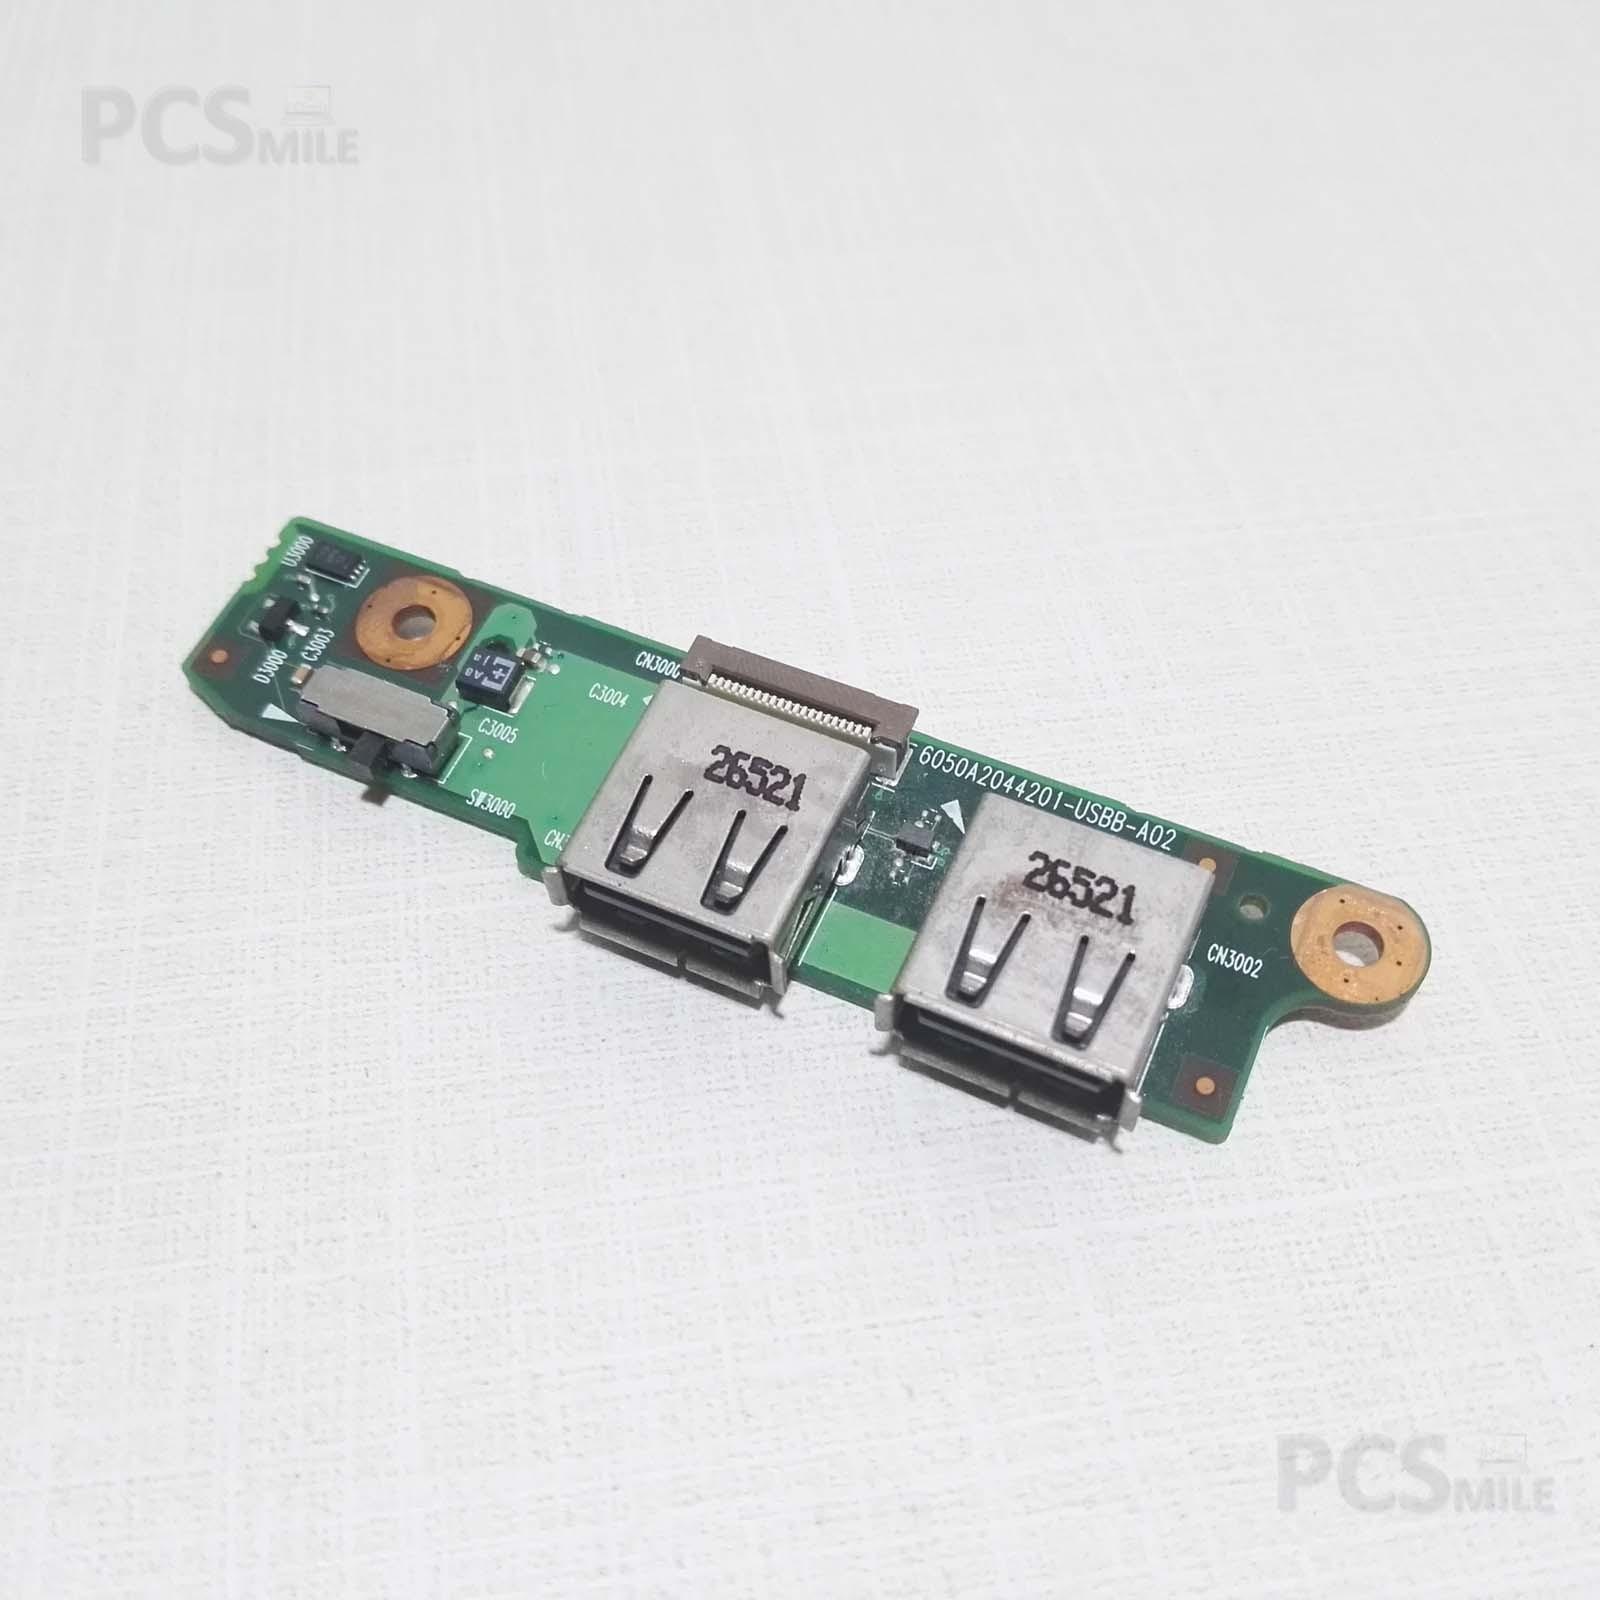 Porte USB destra Toshiba Satellite A100-667 6050A2044201-USBB-A02, V000060520